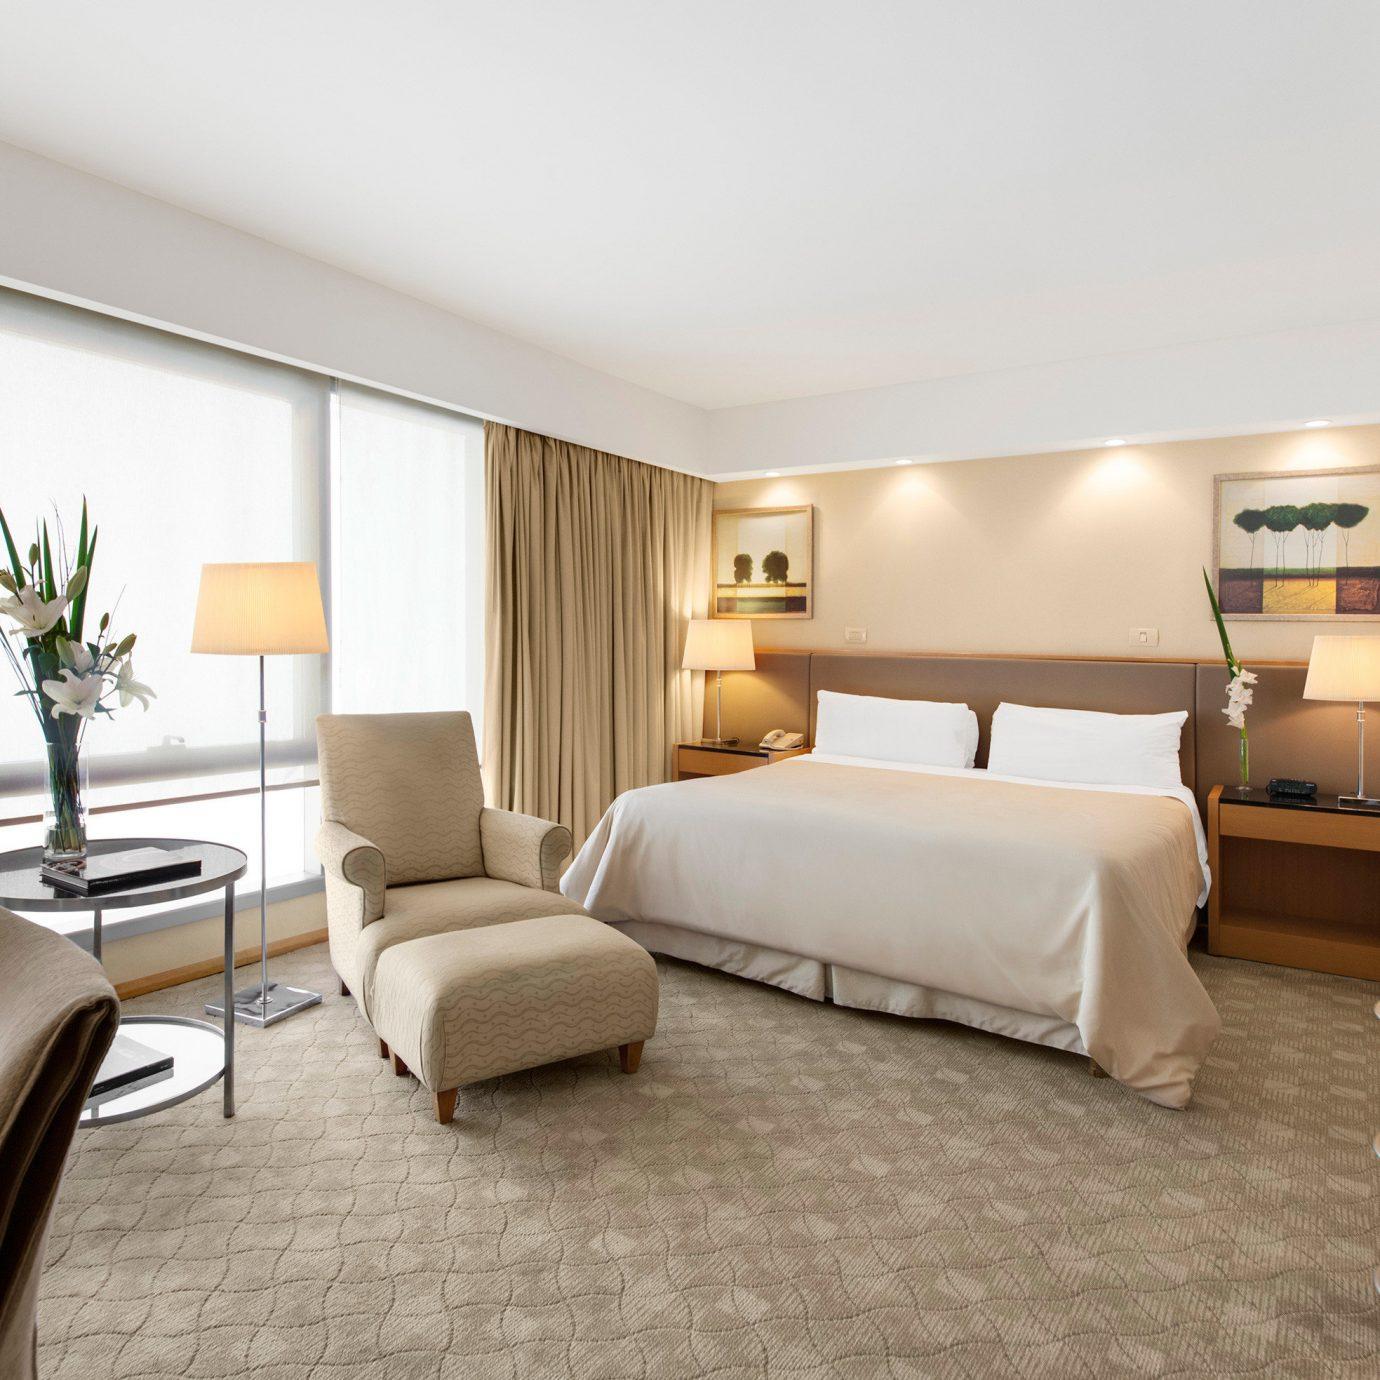 Bedroom Classic property living room condominium Suite home Villa flat